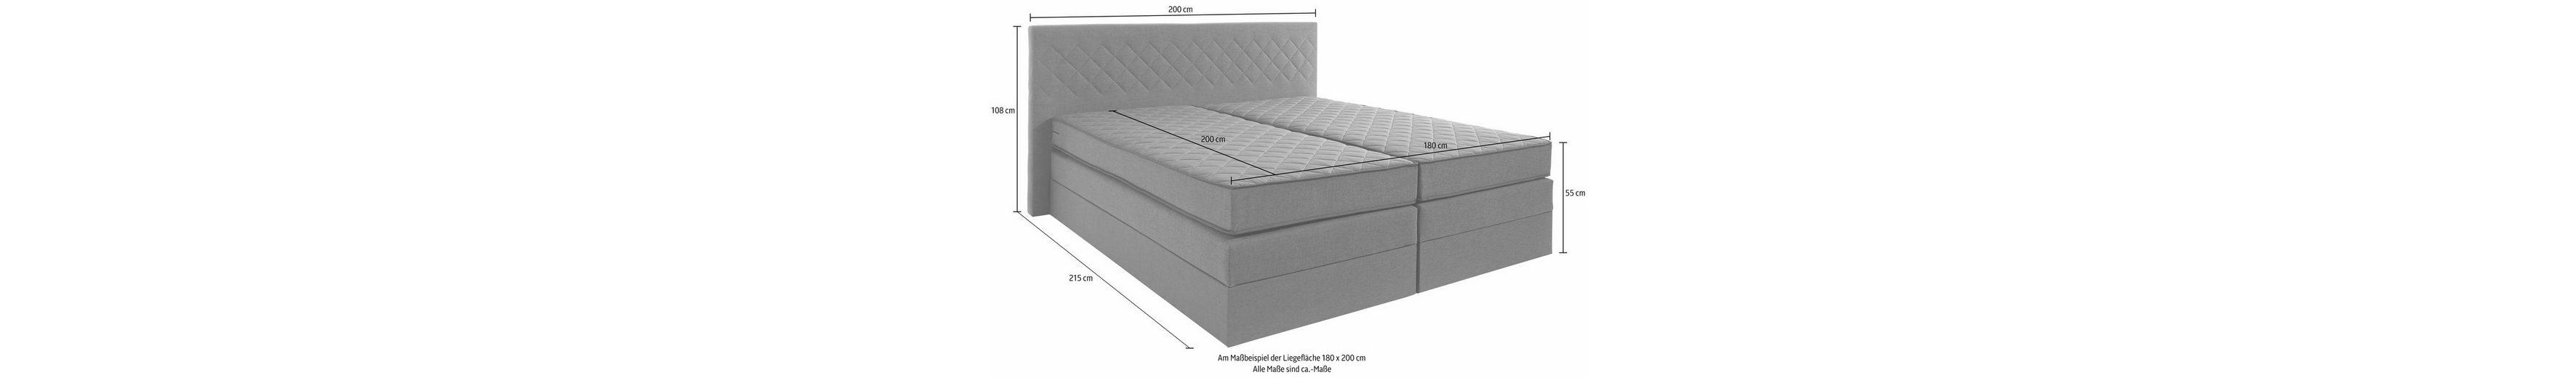 Boxspringbett ohne Kopfteile mehr Platz